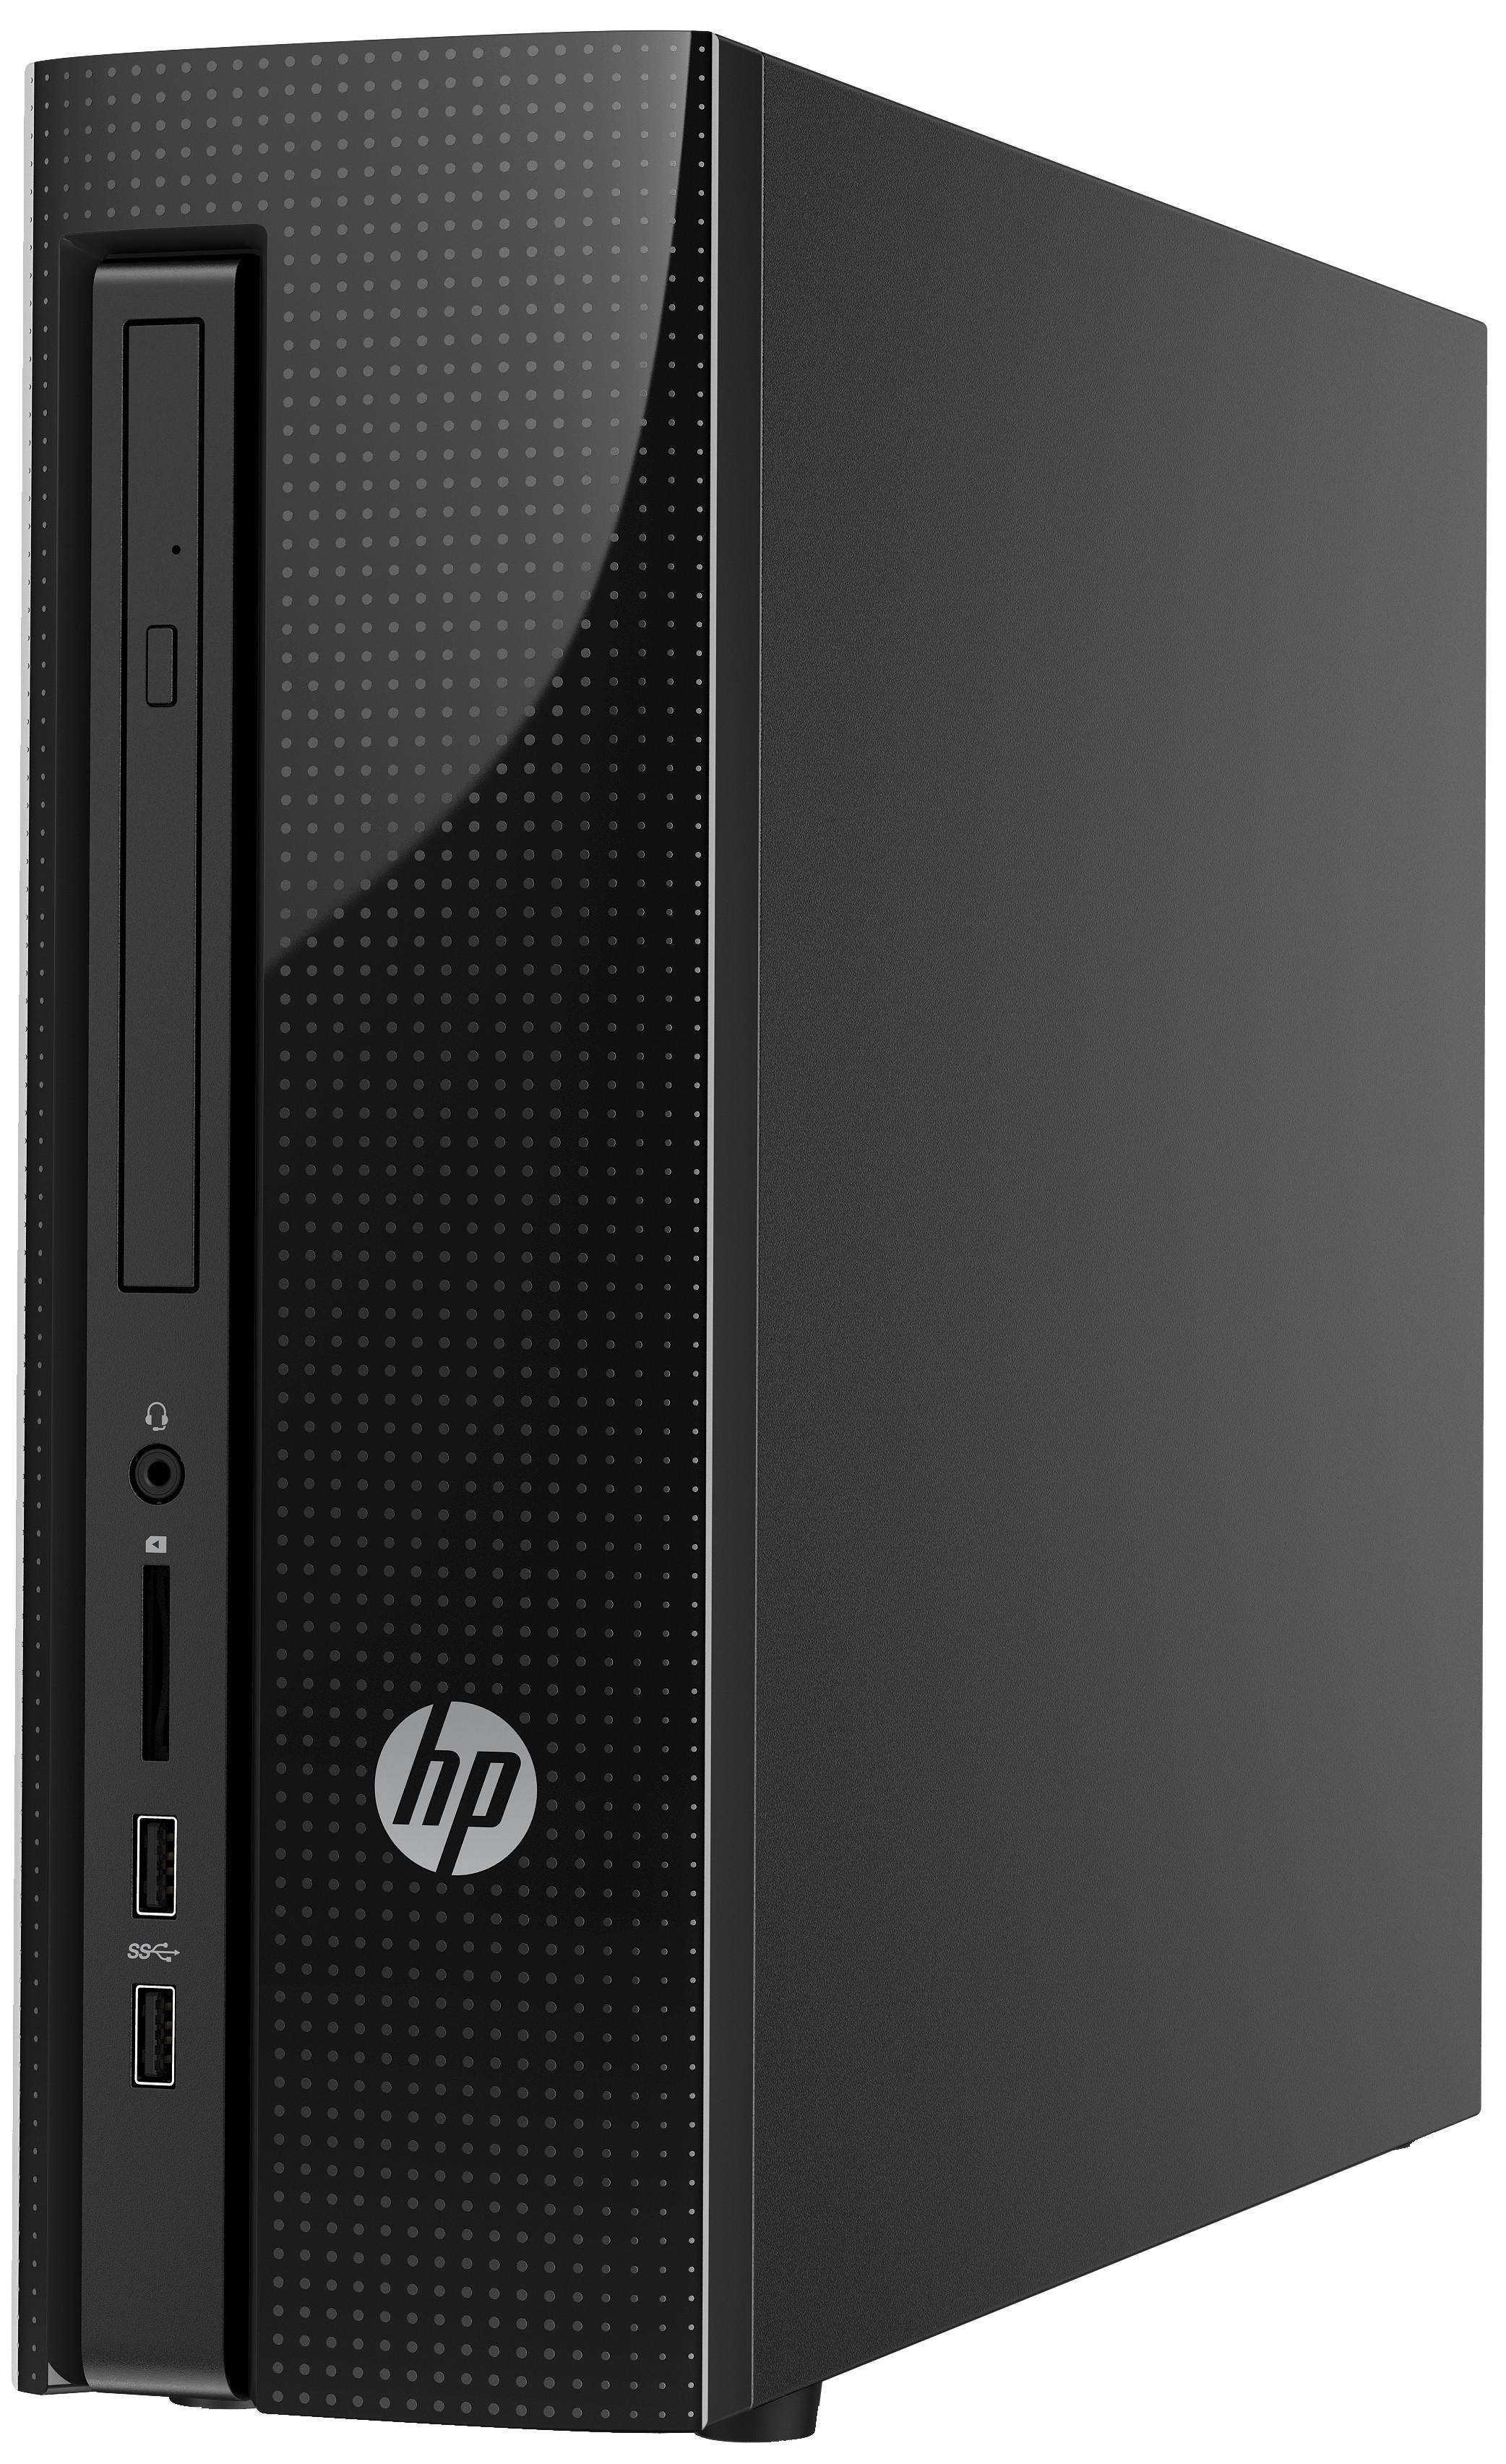 M6Y38EA#UUW : HP Slimline 450-a02no stasjonær PC